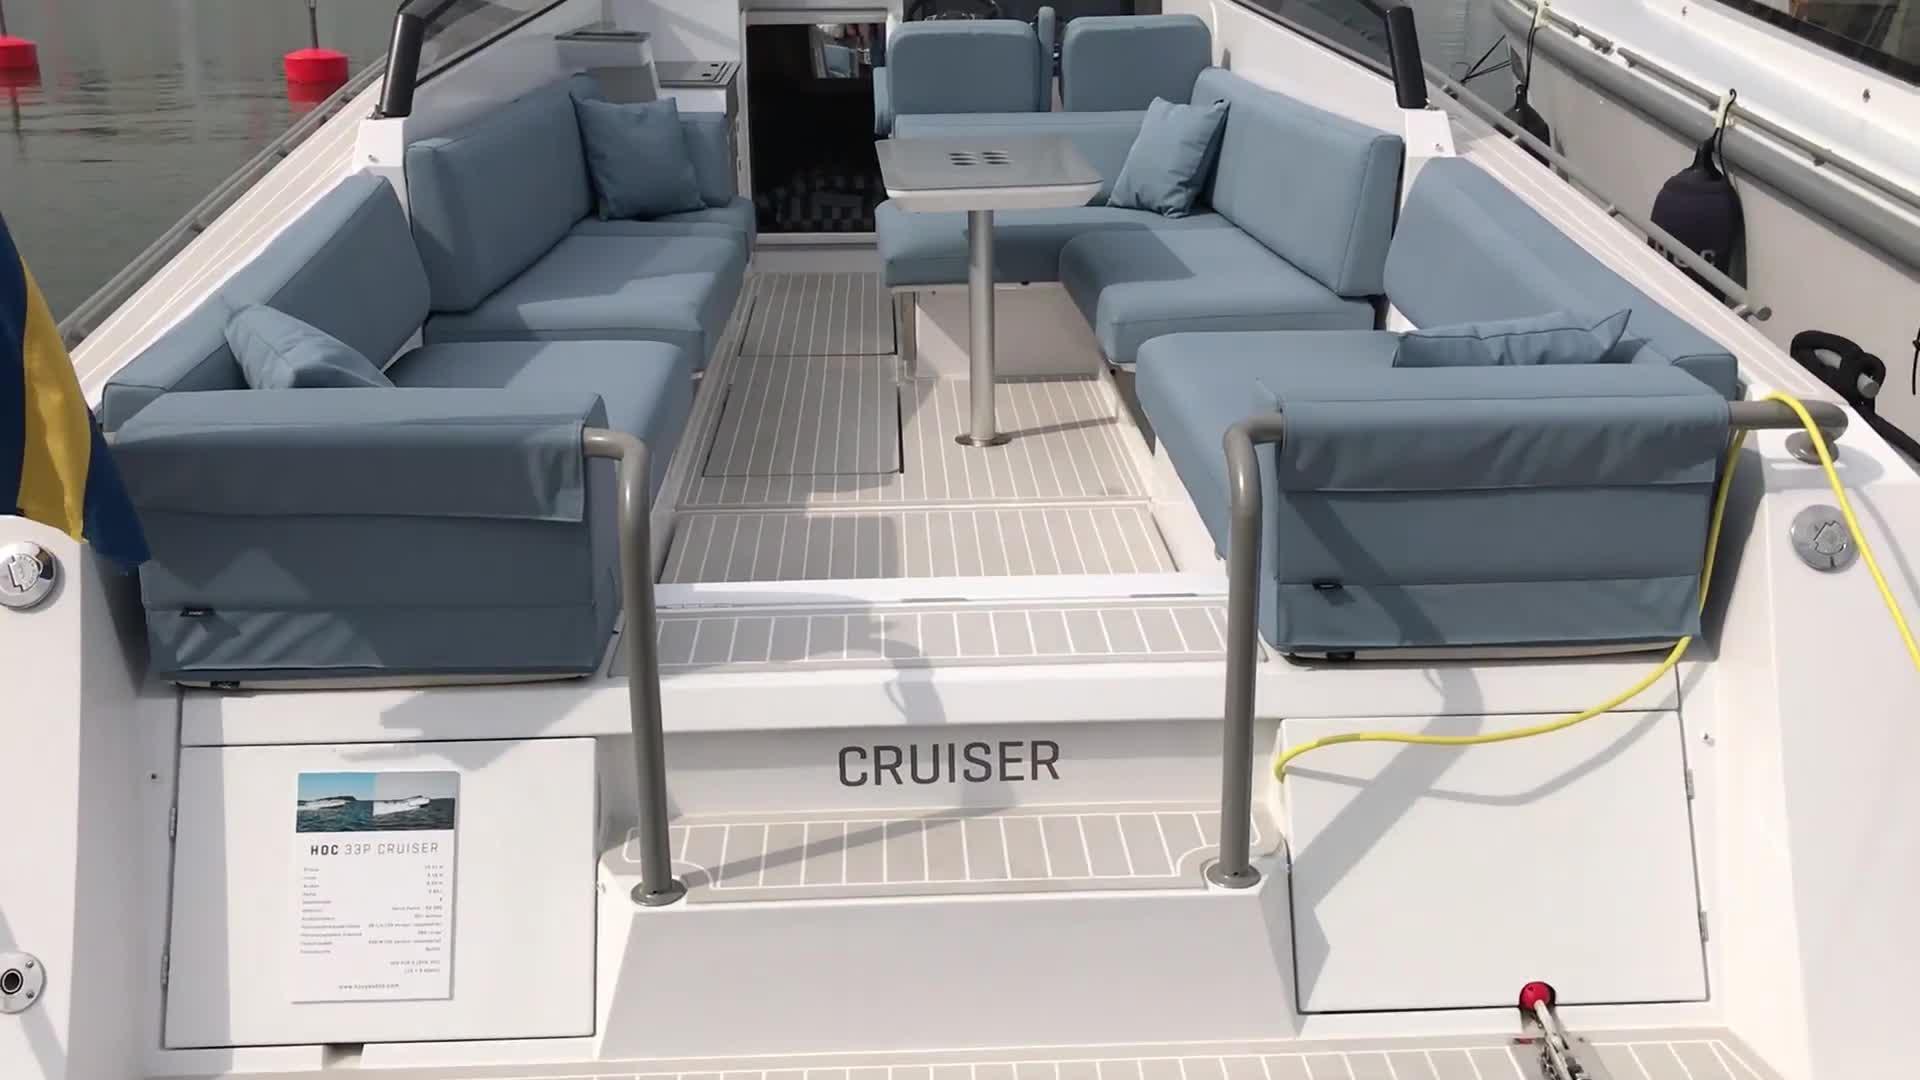 Uiva venenäyttely: Videoesittelyssä HOC 33P